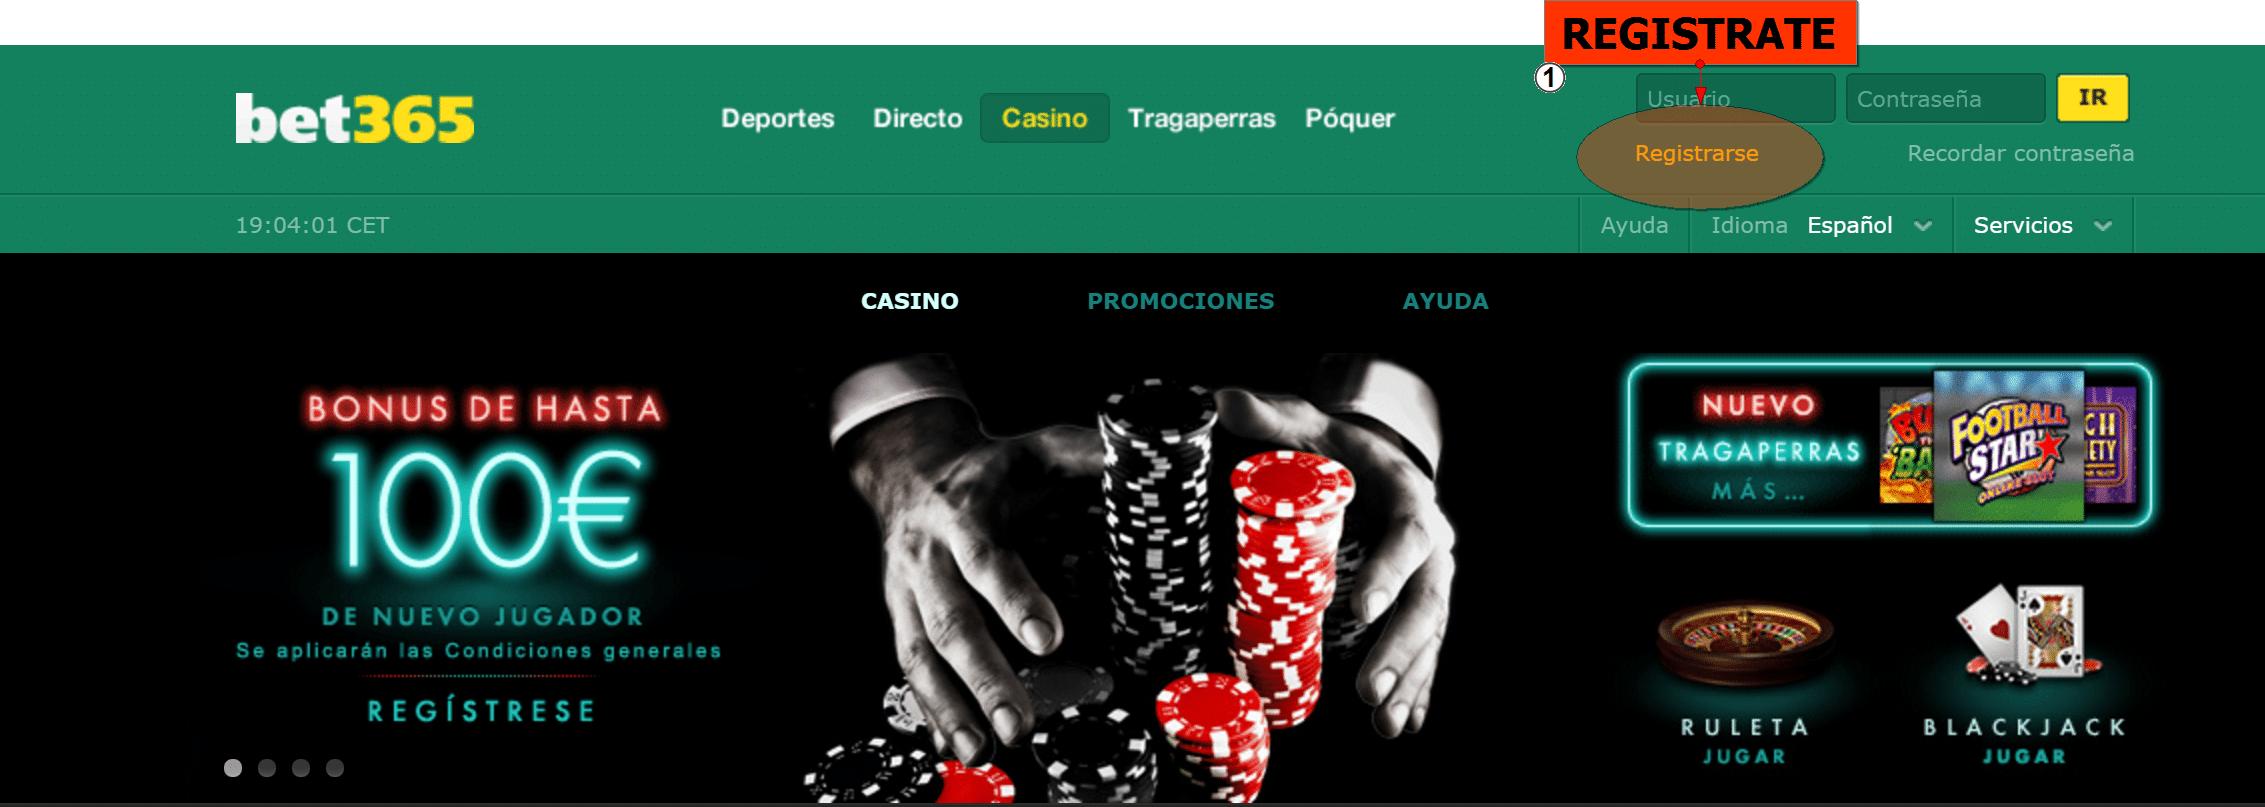 Bono de ingreso apuestas deportivas método seguro 436652